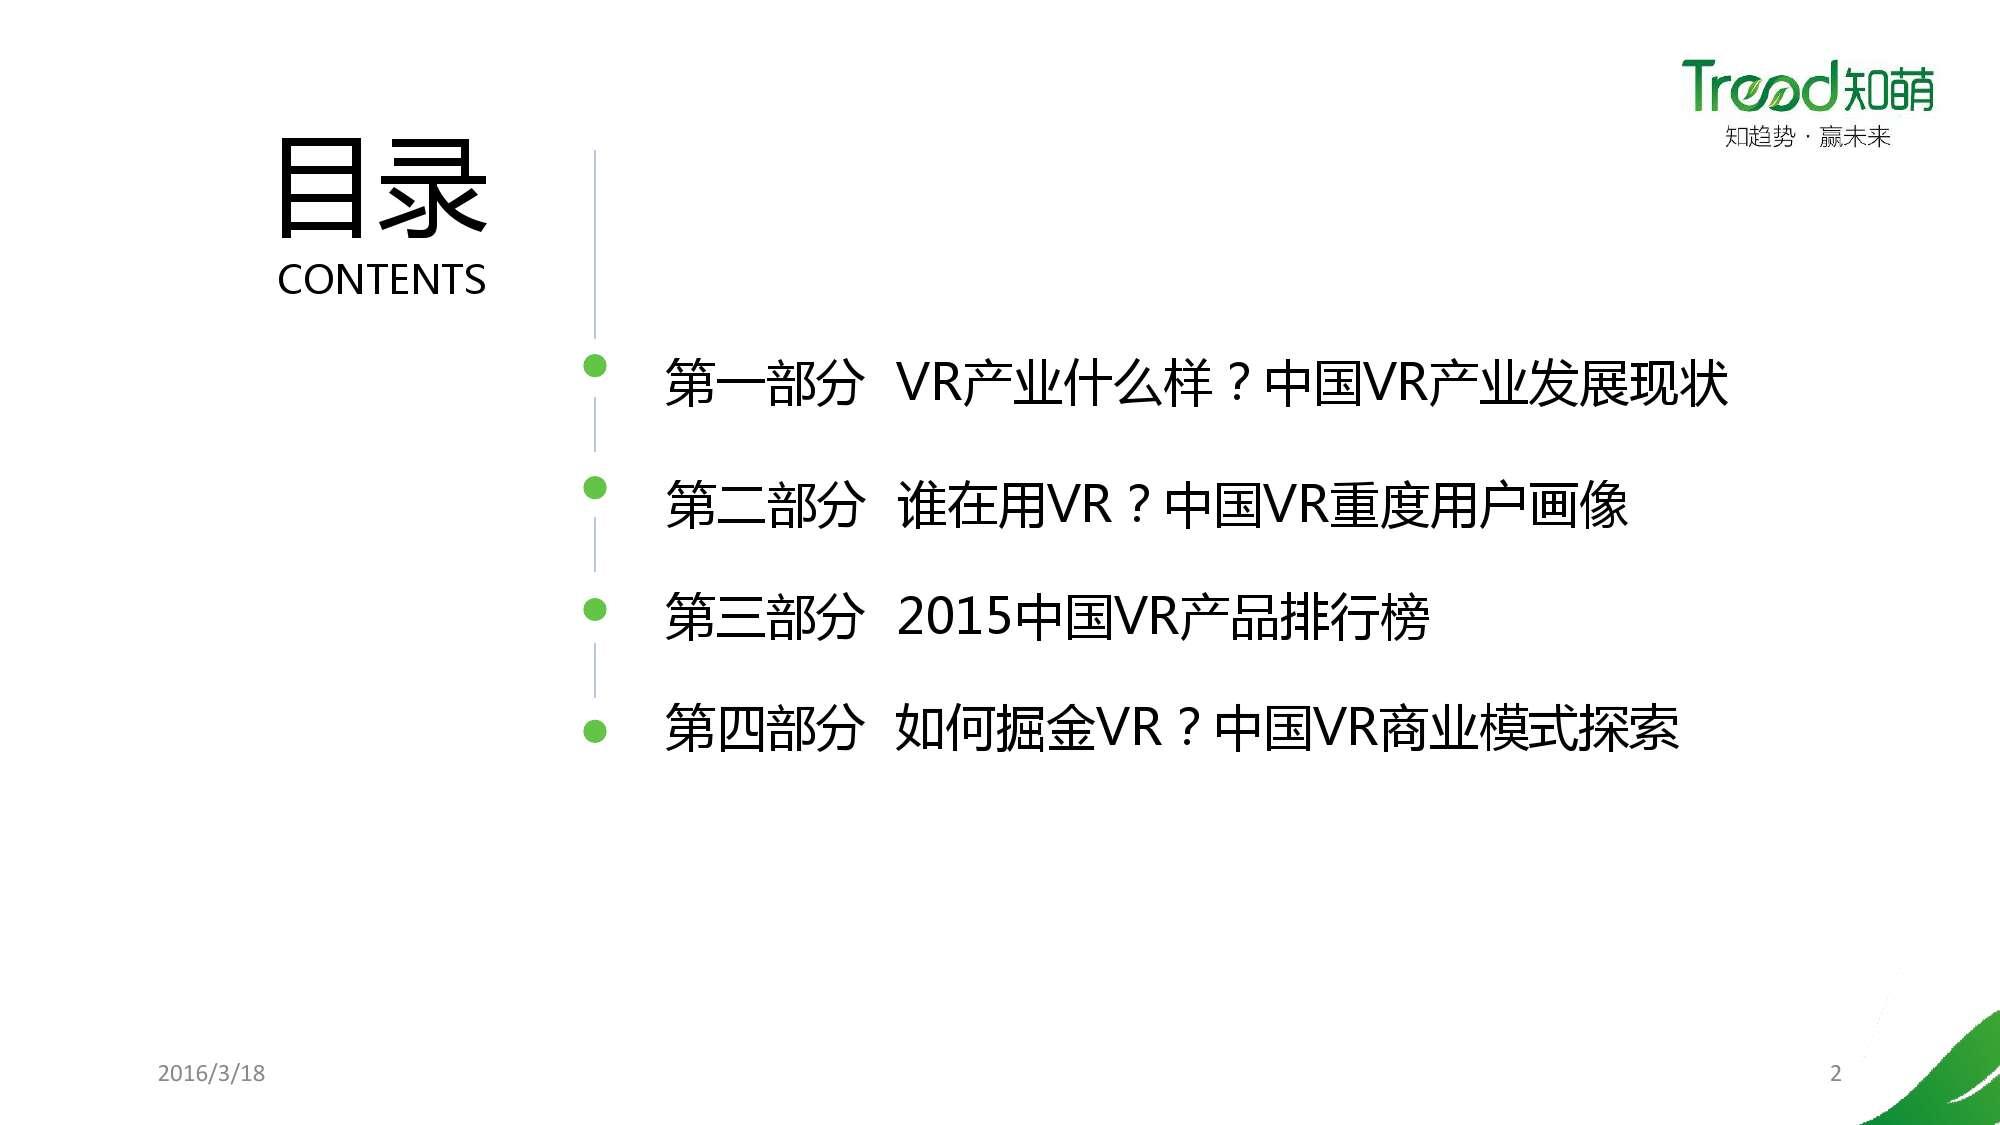 中国VR用户行为研究报告_000002